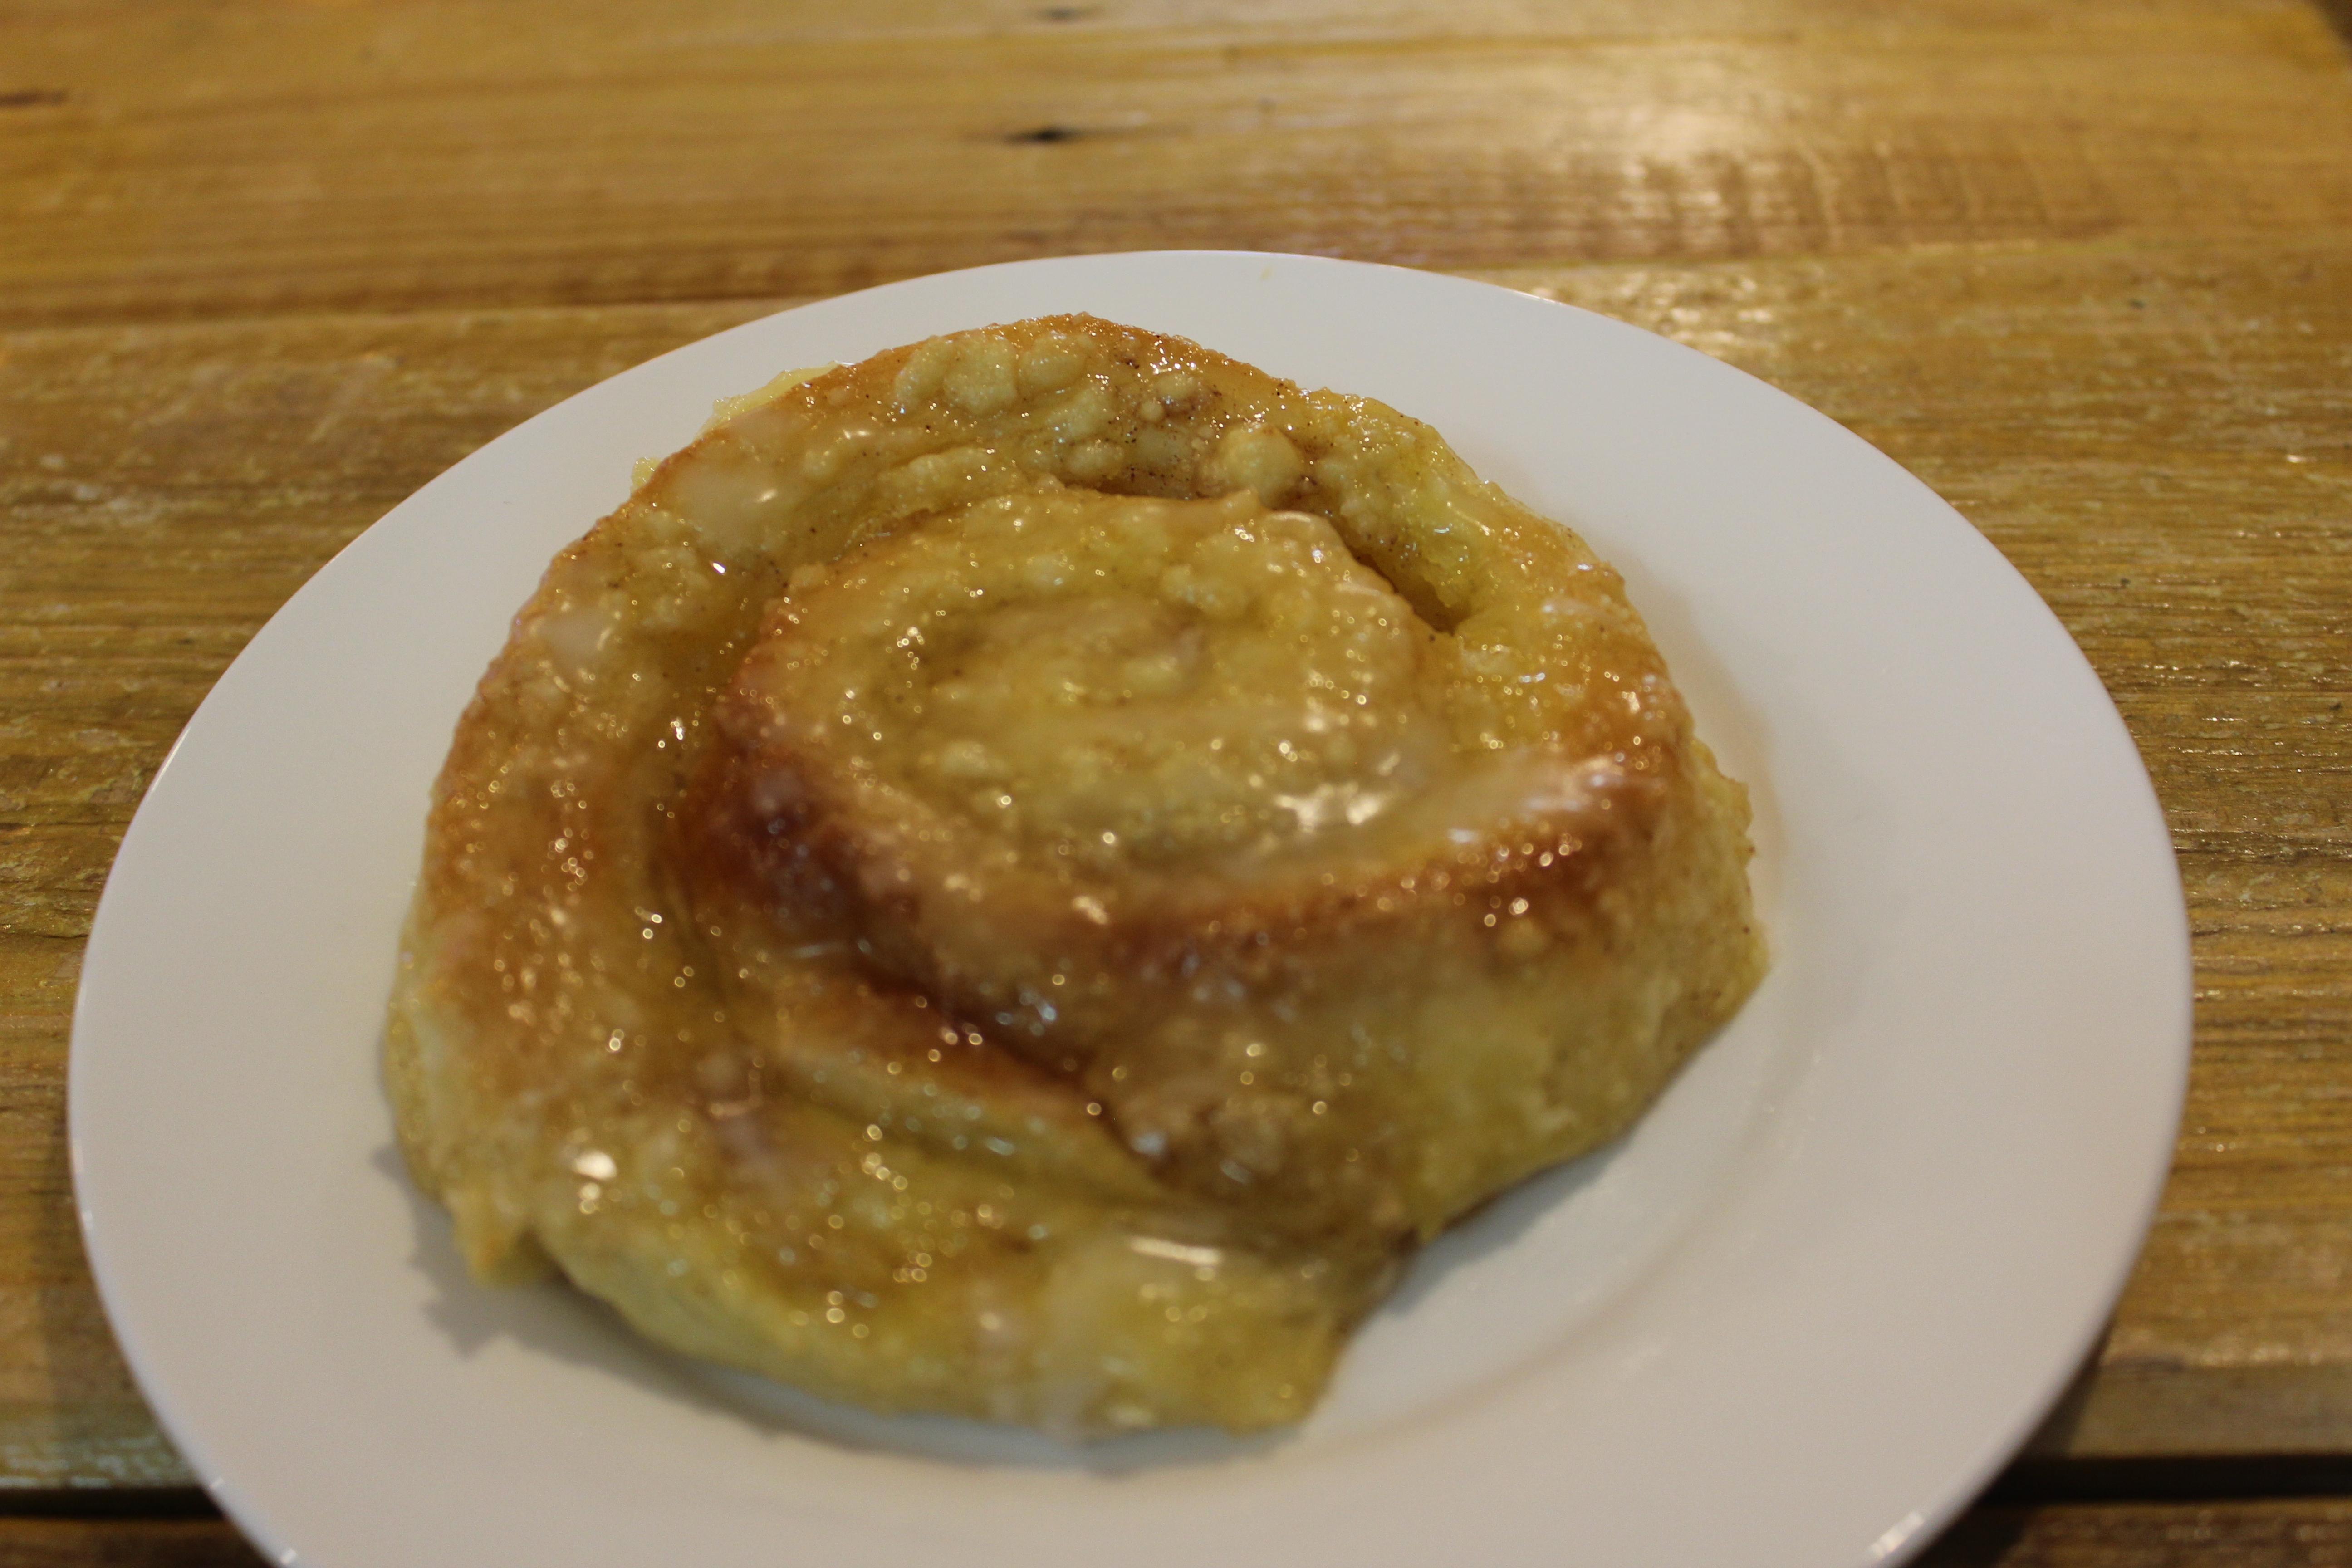 Cinnamon Roll - Zimtschnecke